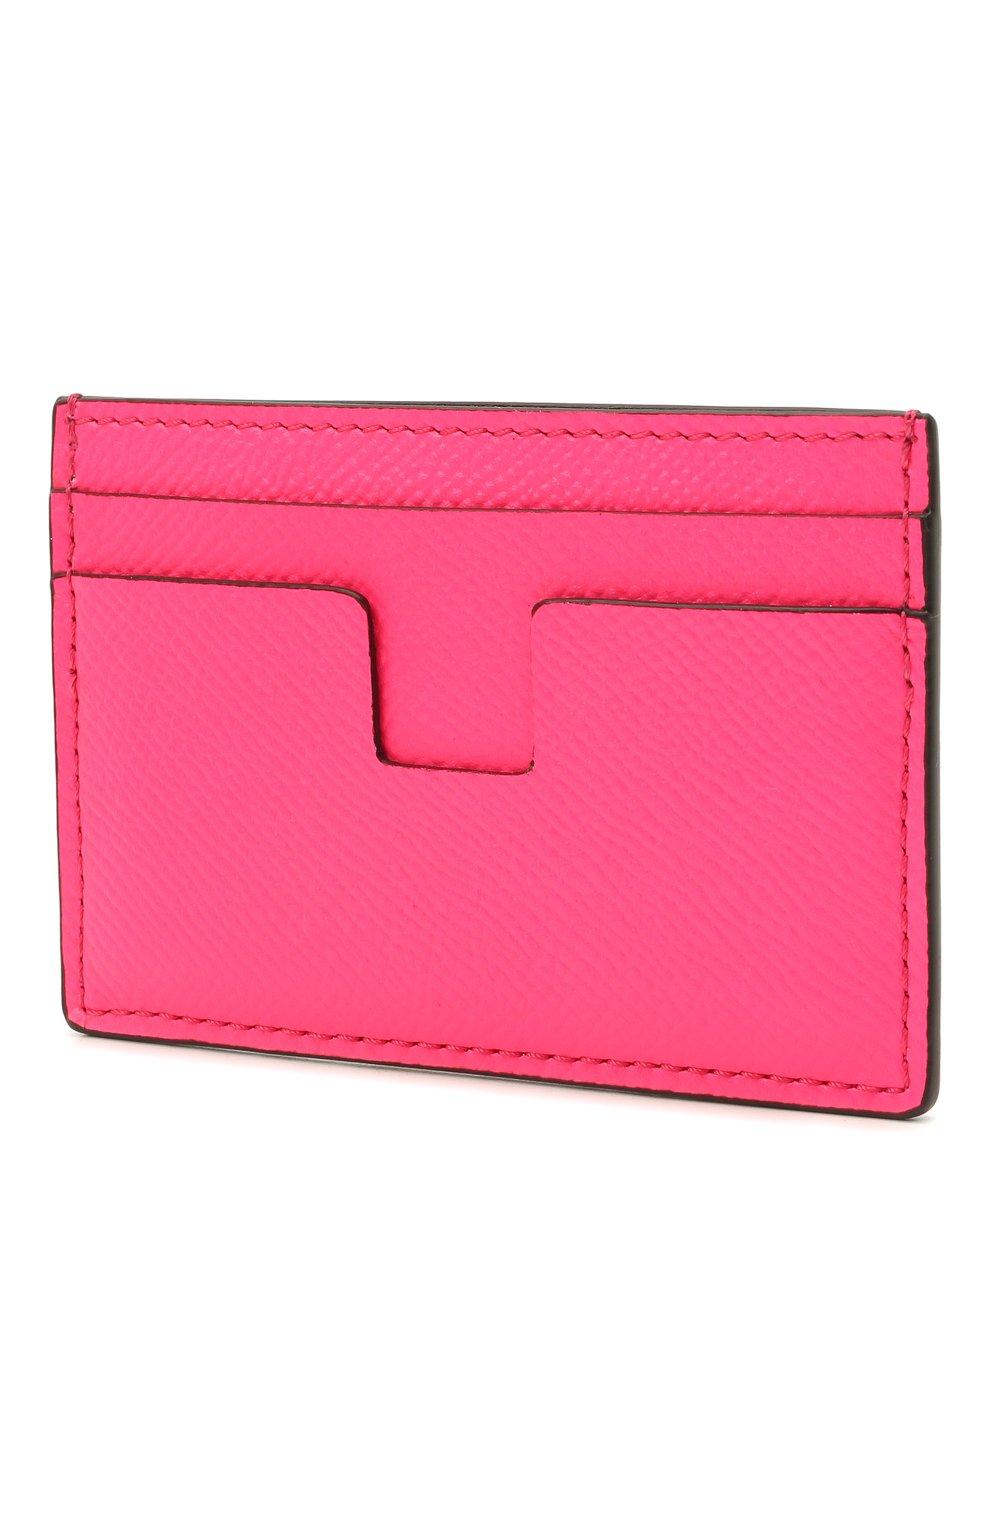 Мужской кожаный футляр для кредитных карт TOM FORD фуксия цвета, арт. Y0232T-LCL143 | Фото 2